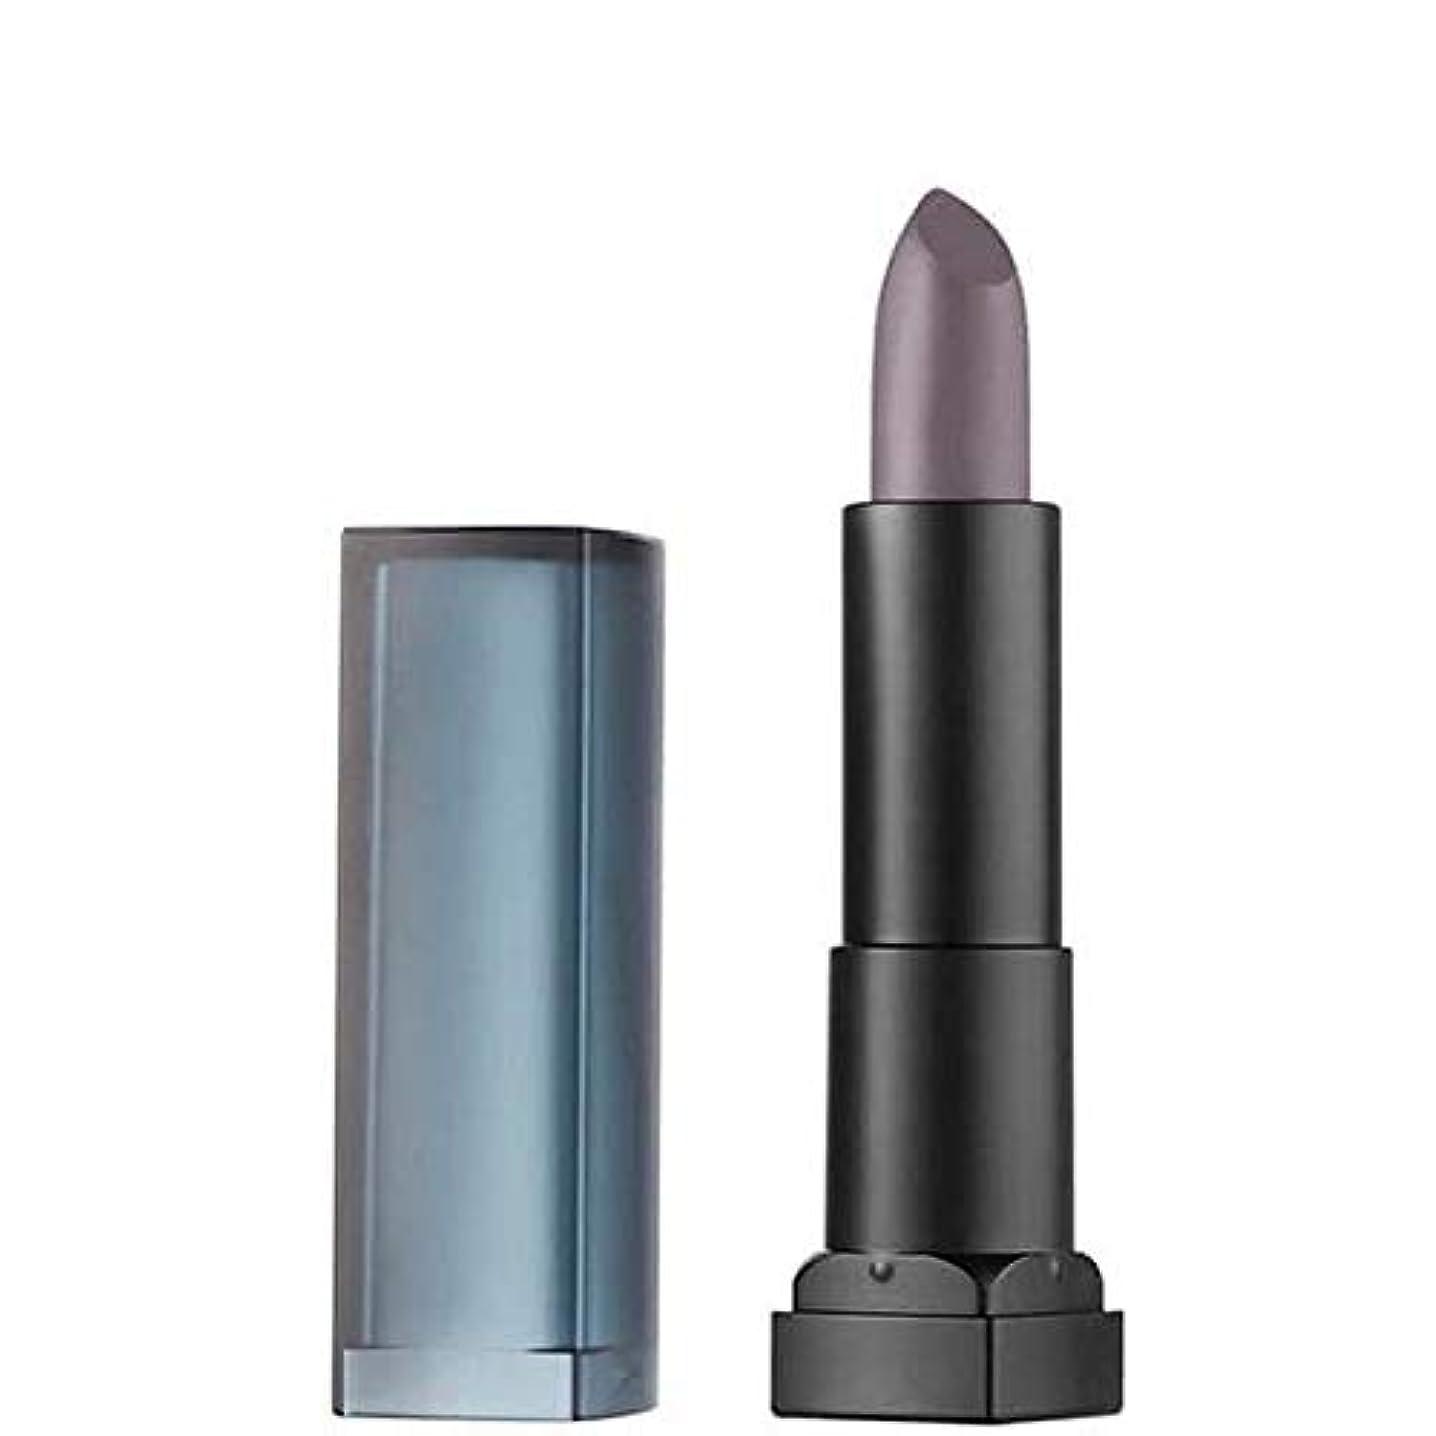 変なから論文[Maybelline ] メイベリンカラー扇情的なマットな口紅25冷却グレー - Maybelline Color Sensational Matte Lipstick 25 Chilling Grey [並行輸入品]